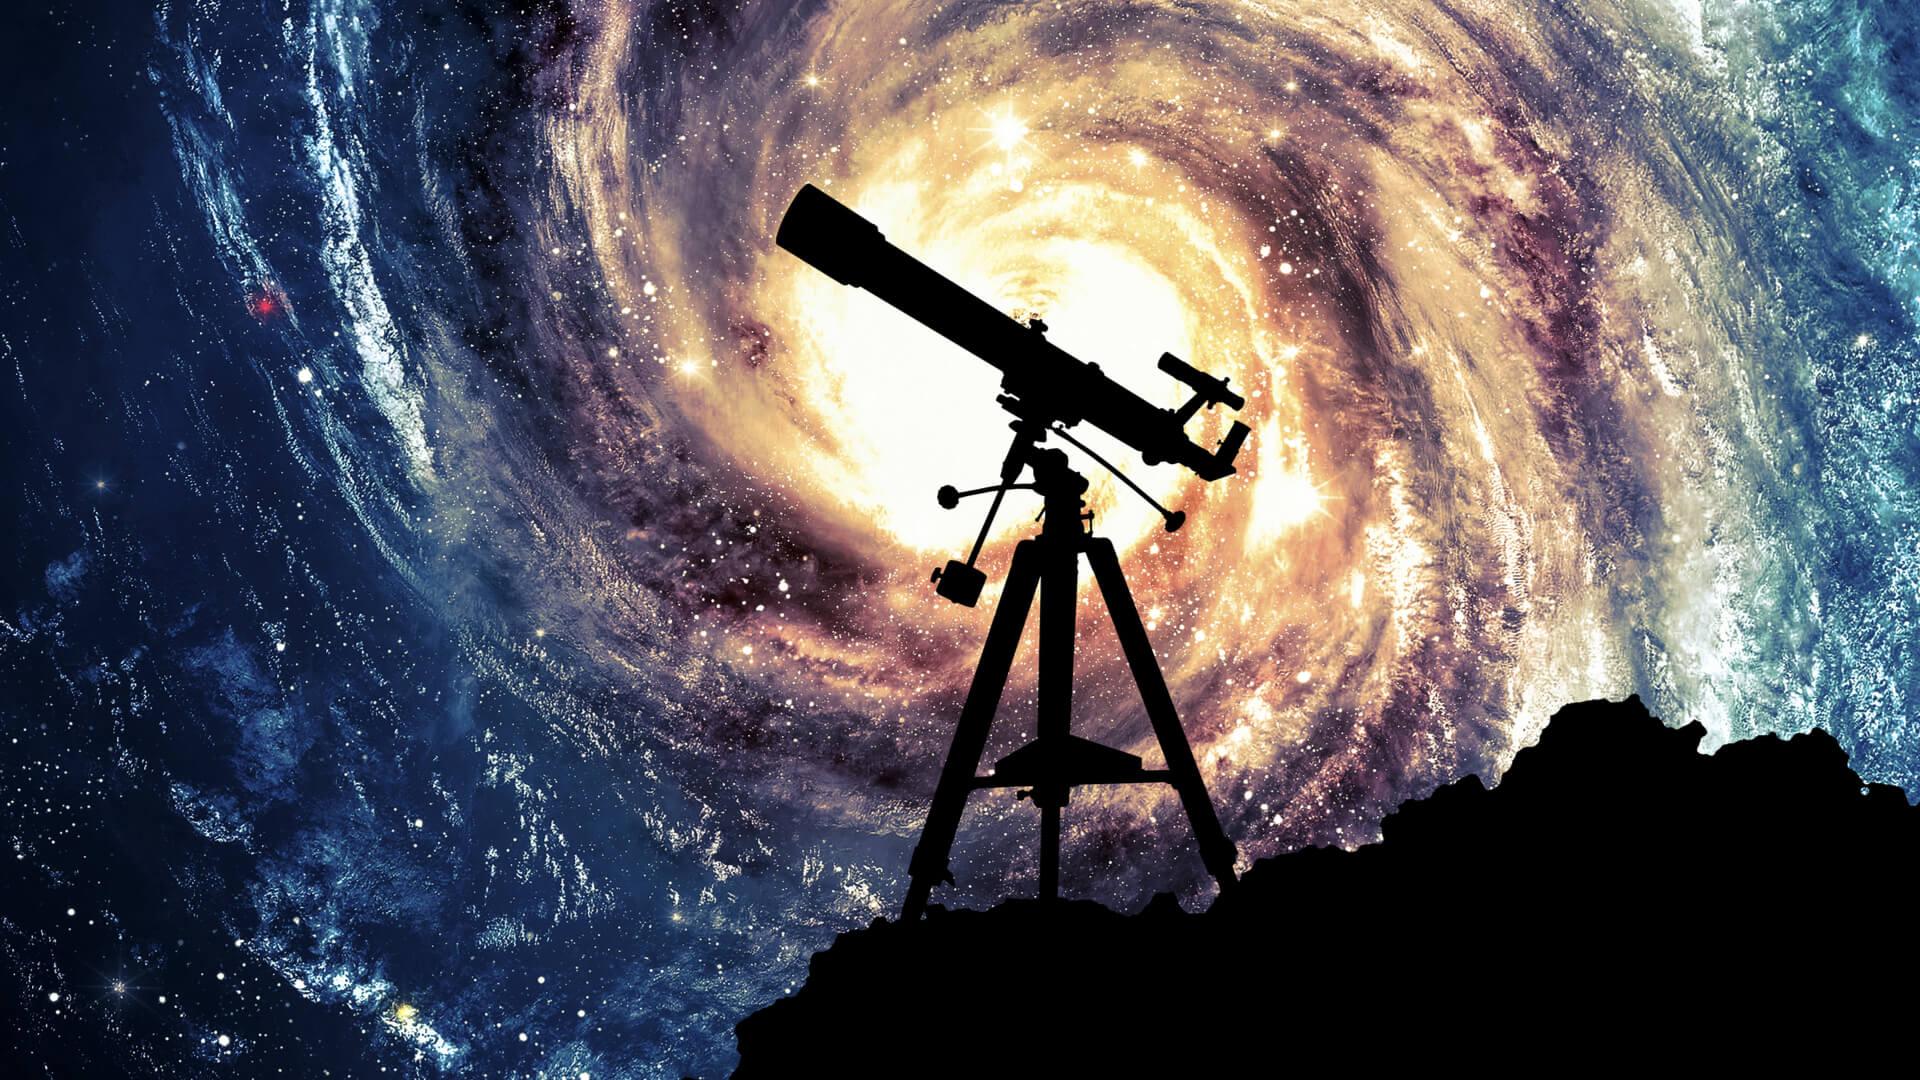 Картинки космос и астрономия